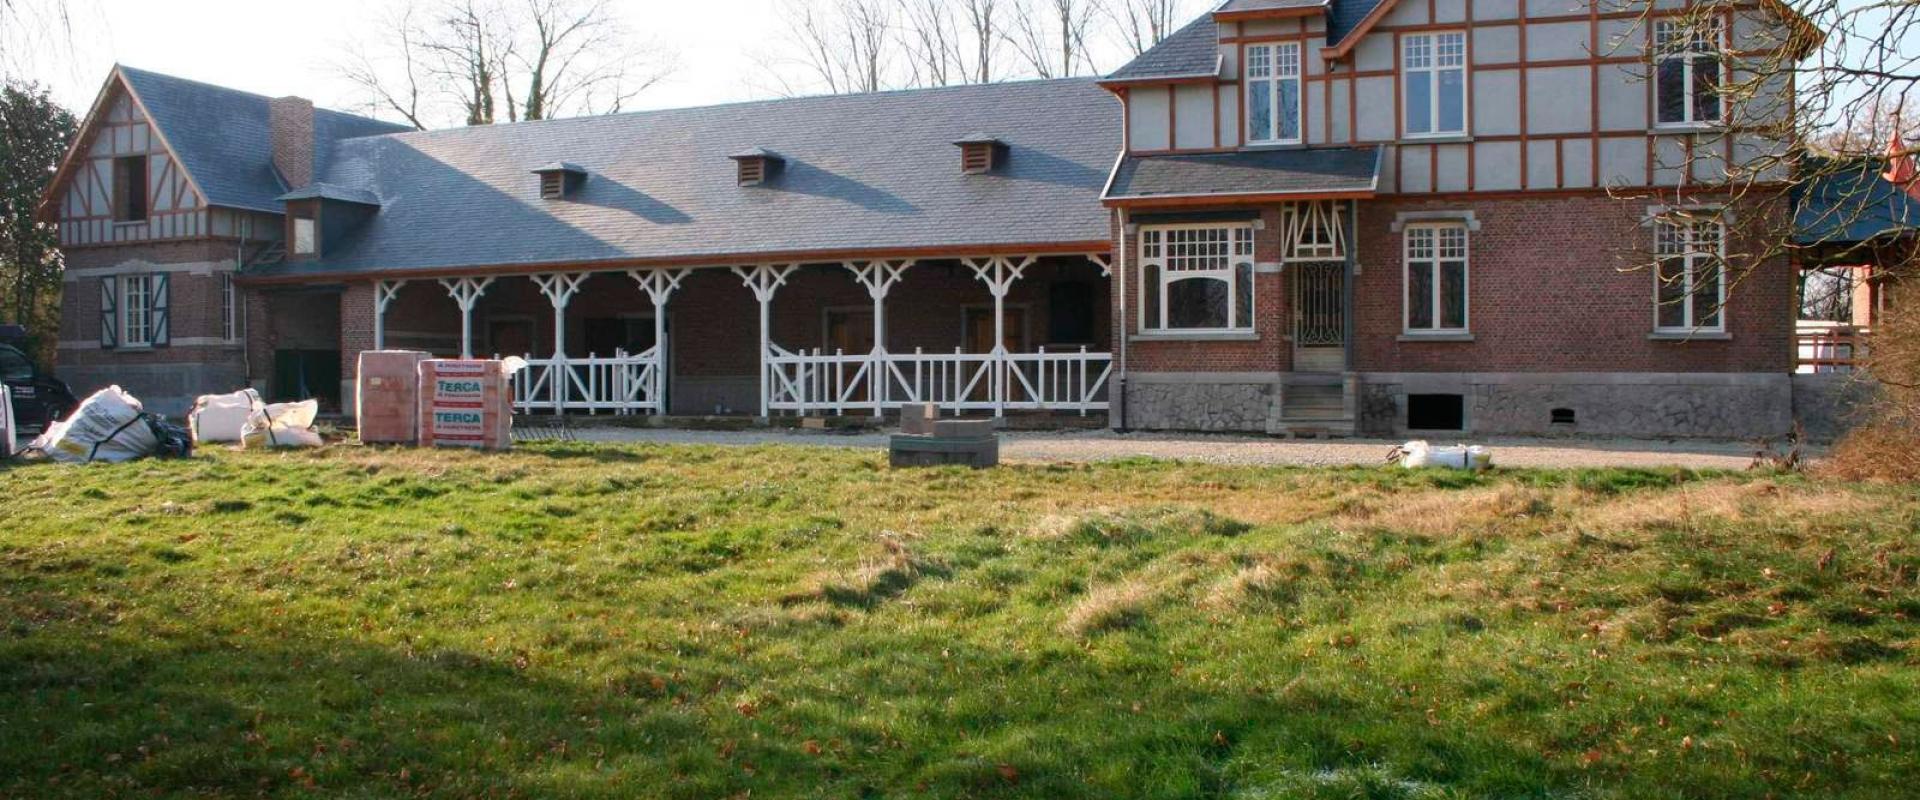 Uw partner in dakwerken uit Ninove